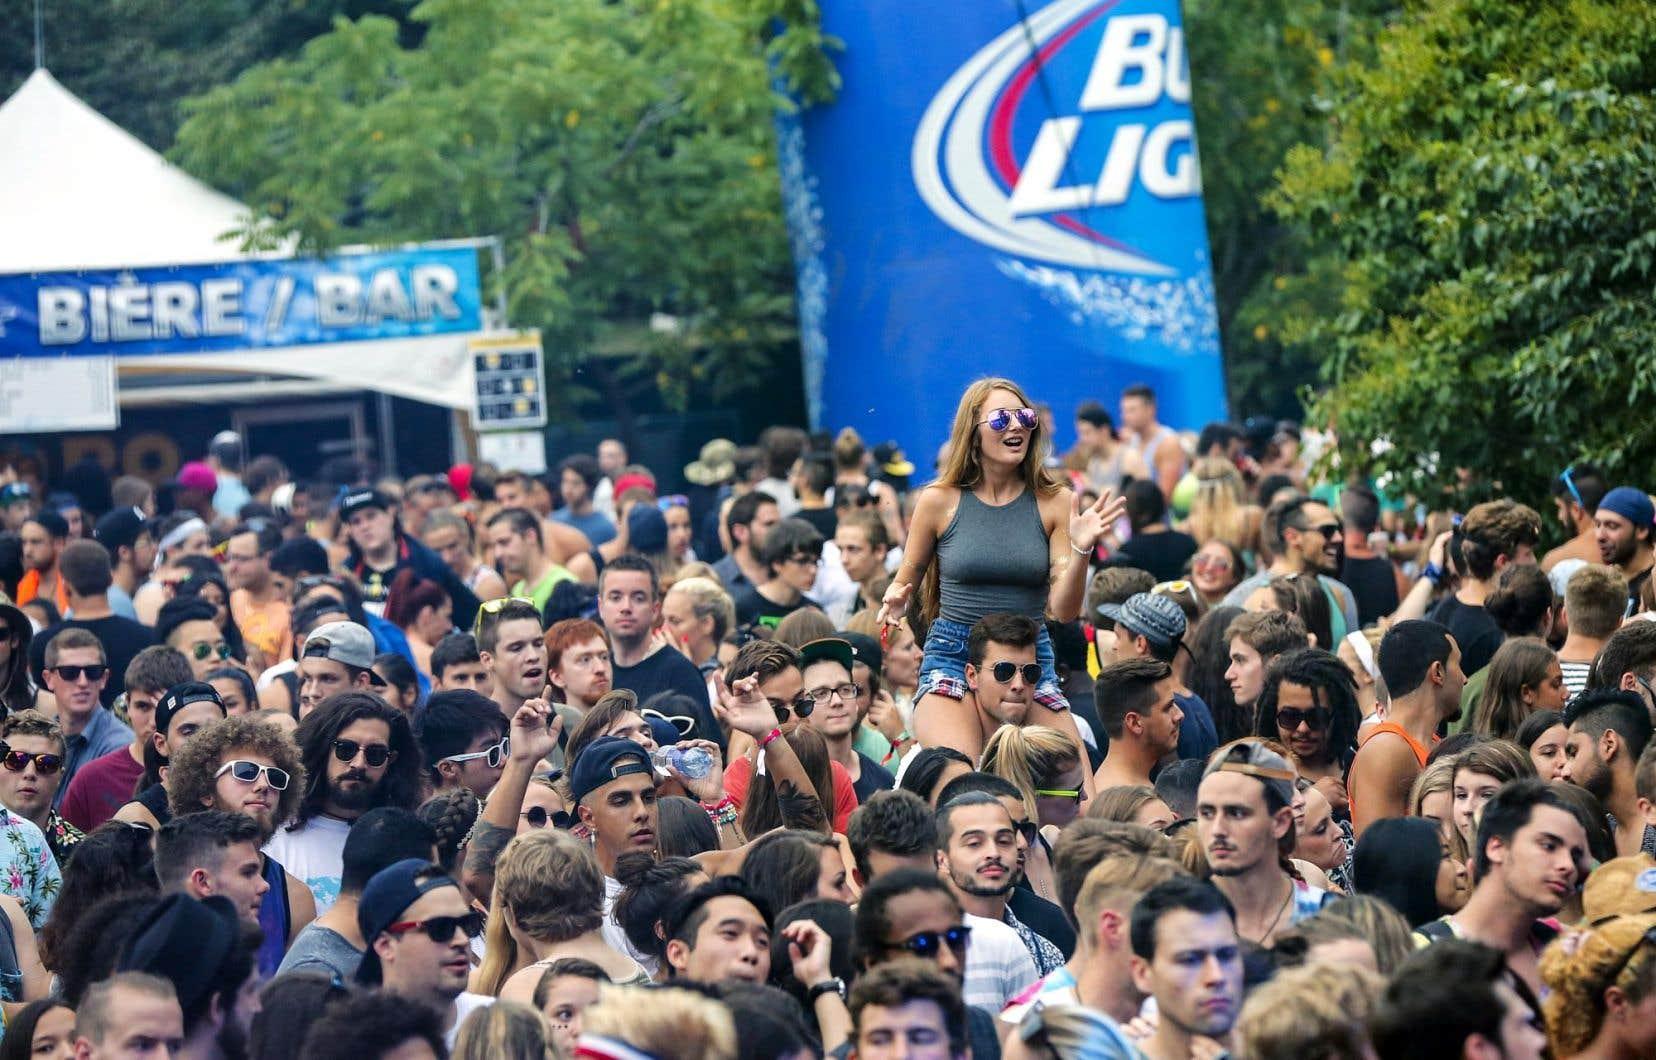 Le promoteur Evenko estime qu'environ 25000 festivaliers convergeront tous les jours au parc Jean-Drapeau pour ÎleSoniq.